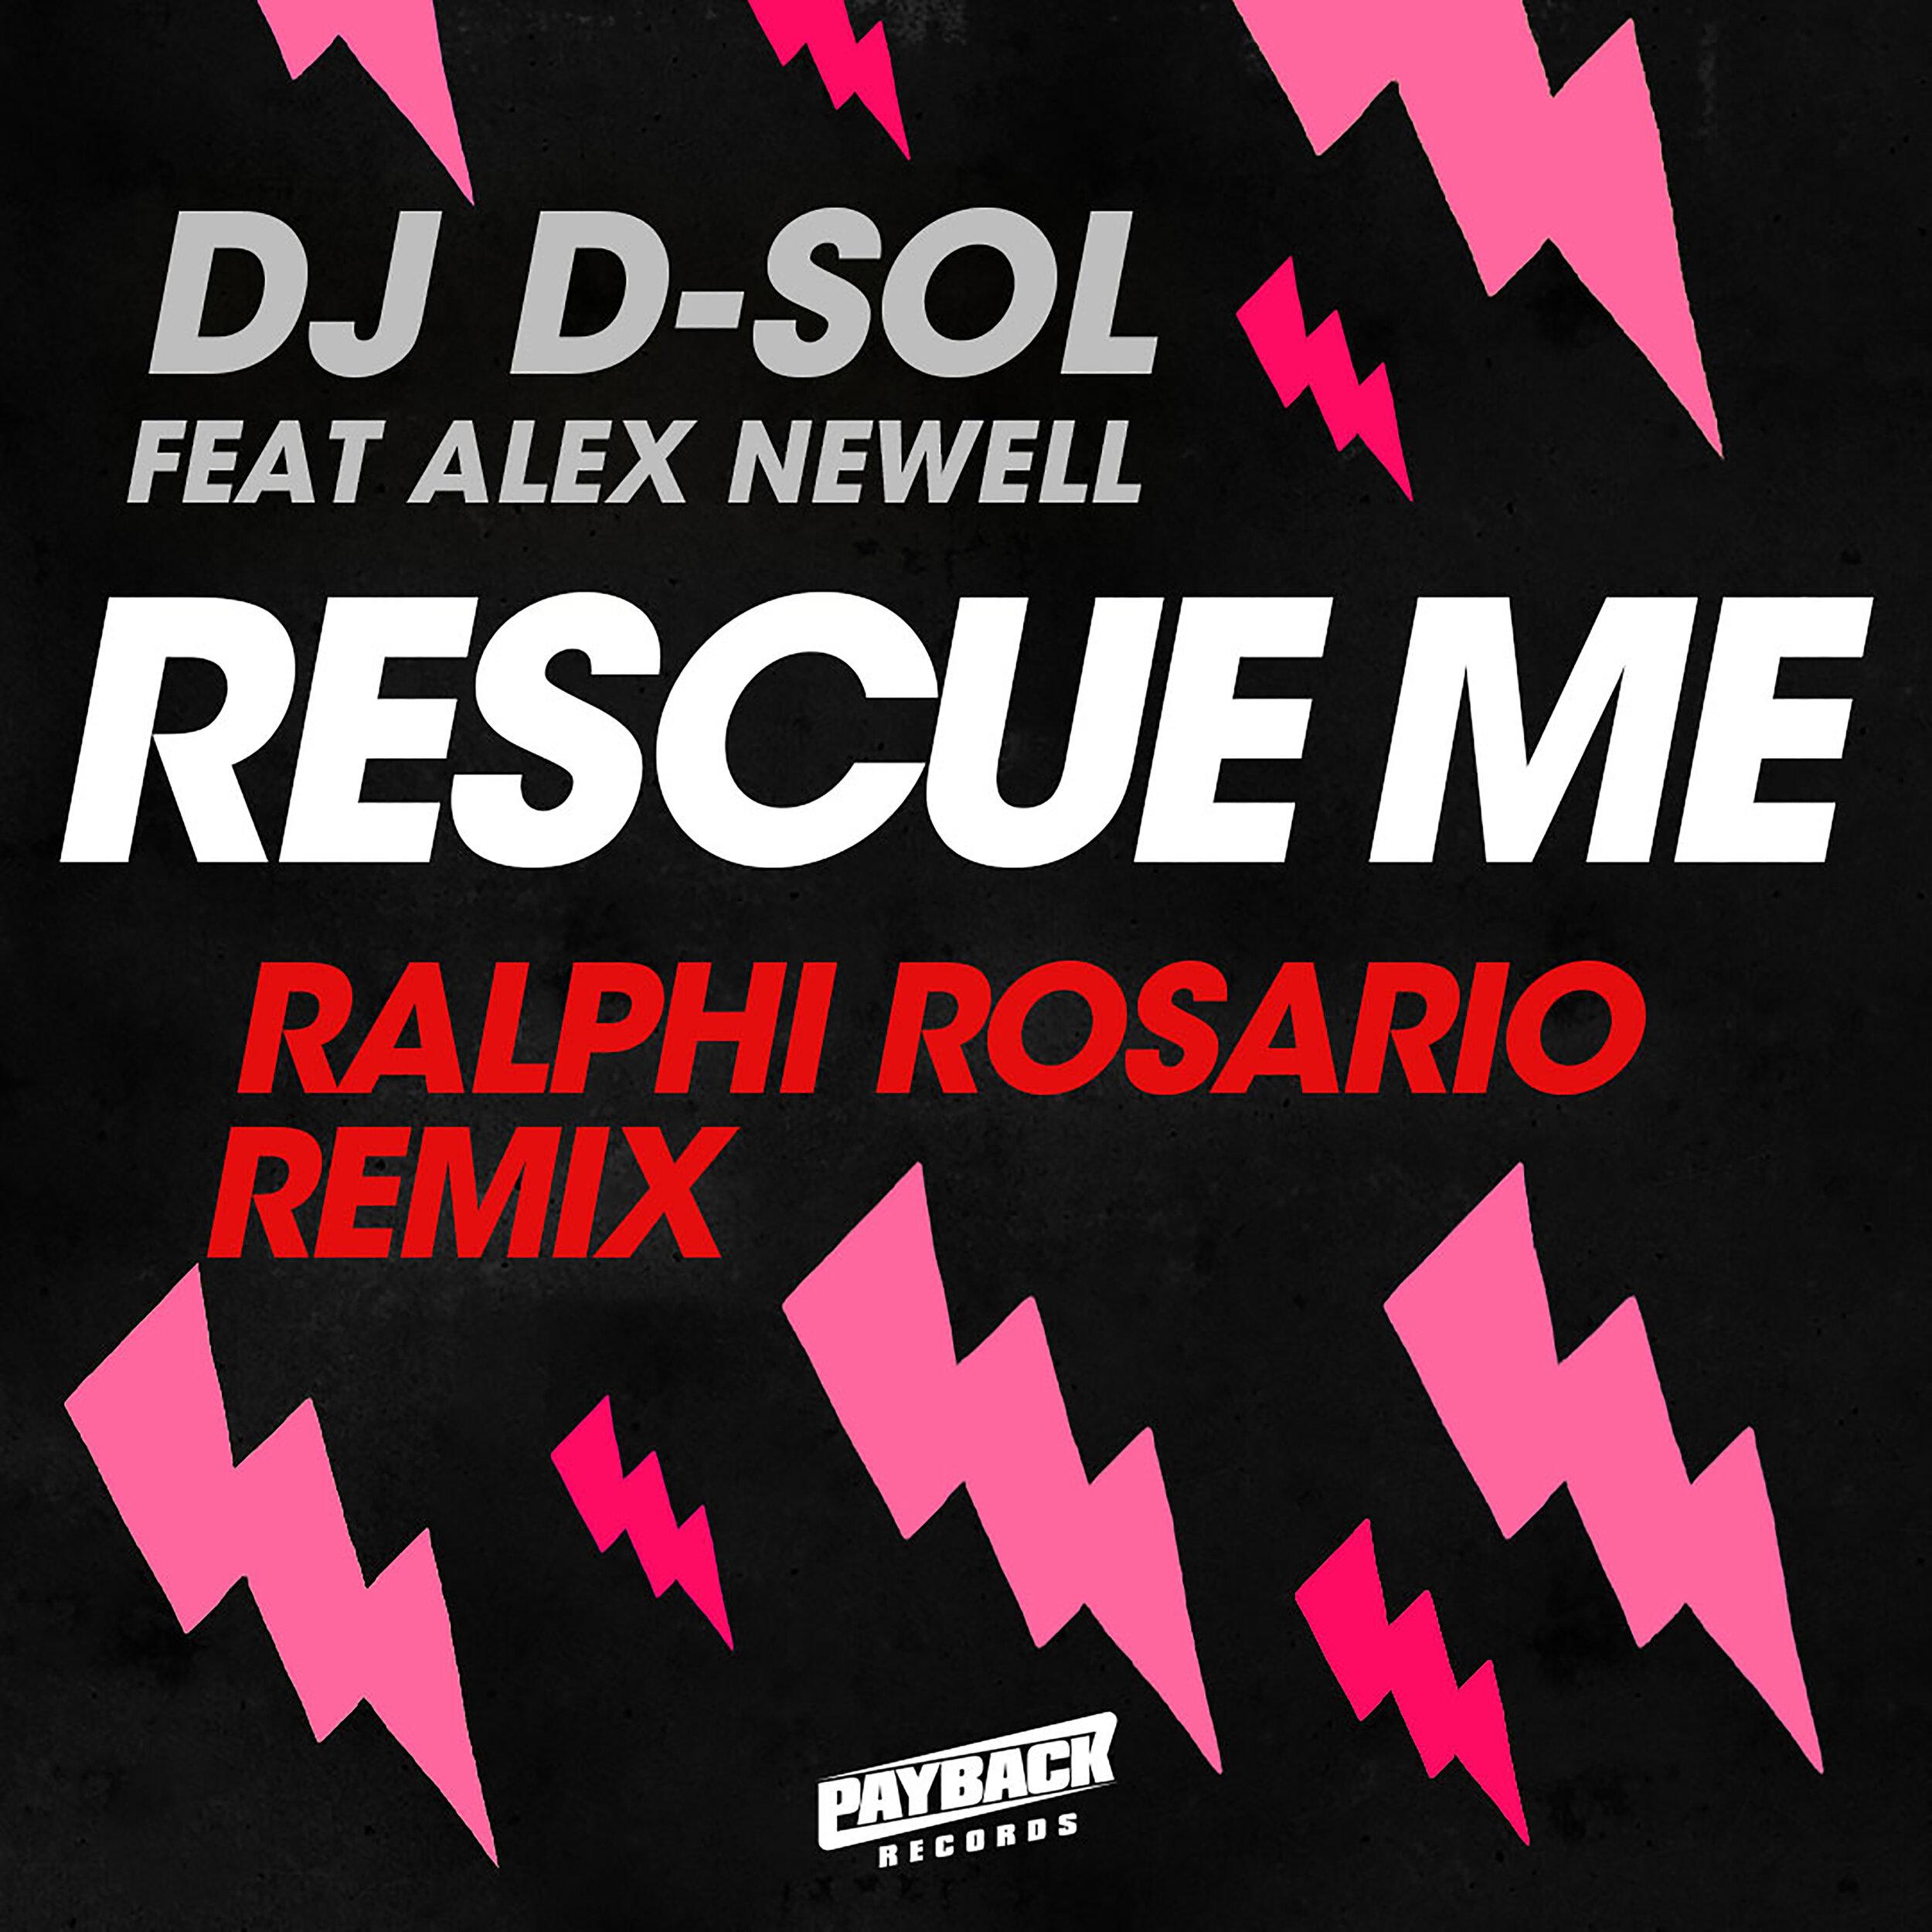 D-Sol_Rescue-Me_REMIX_Ralphi-Rosario_3K.jpg